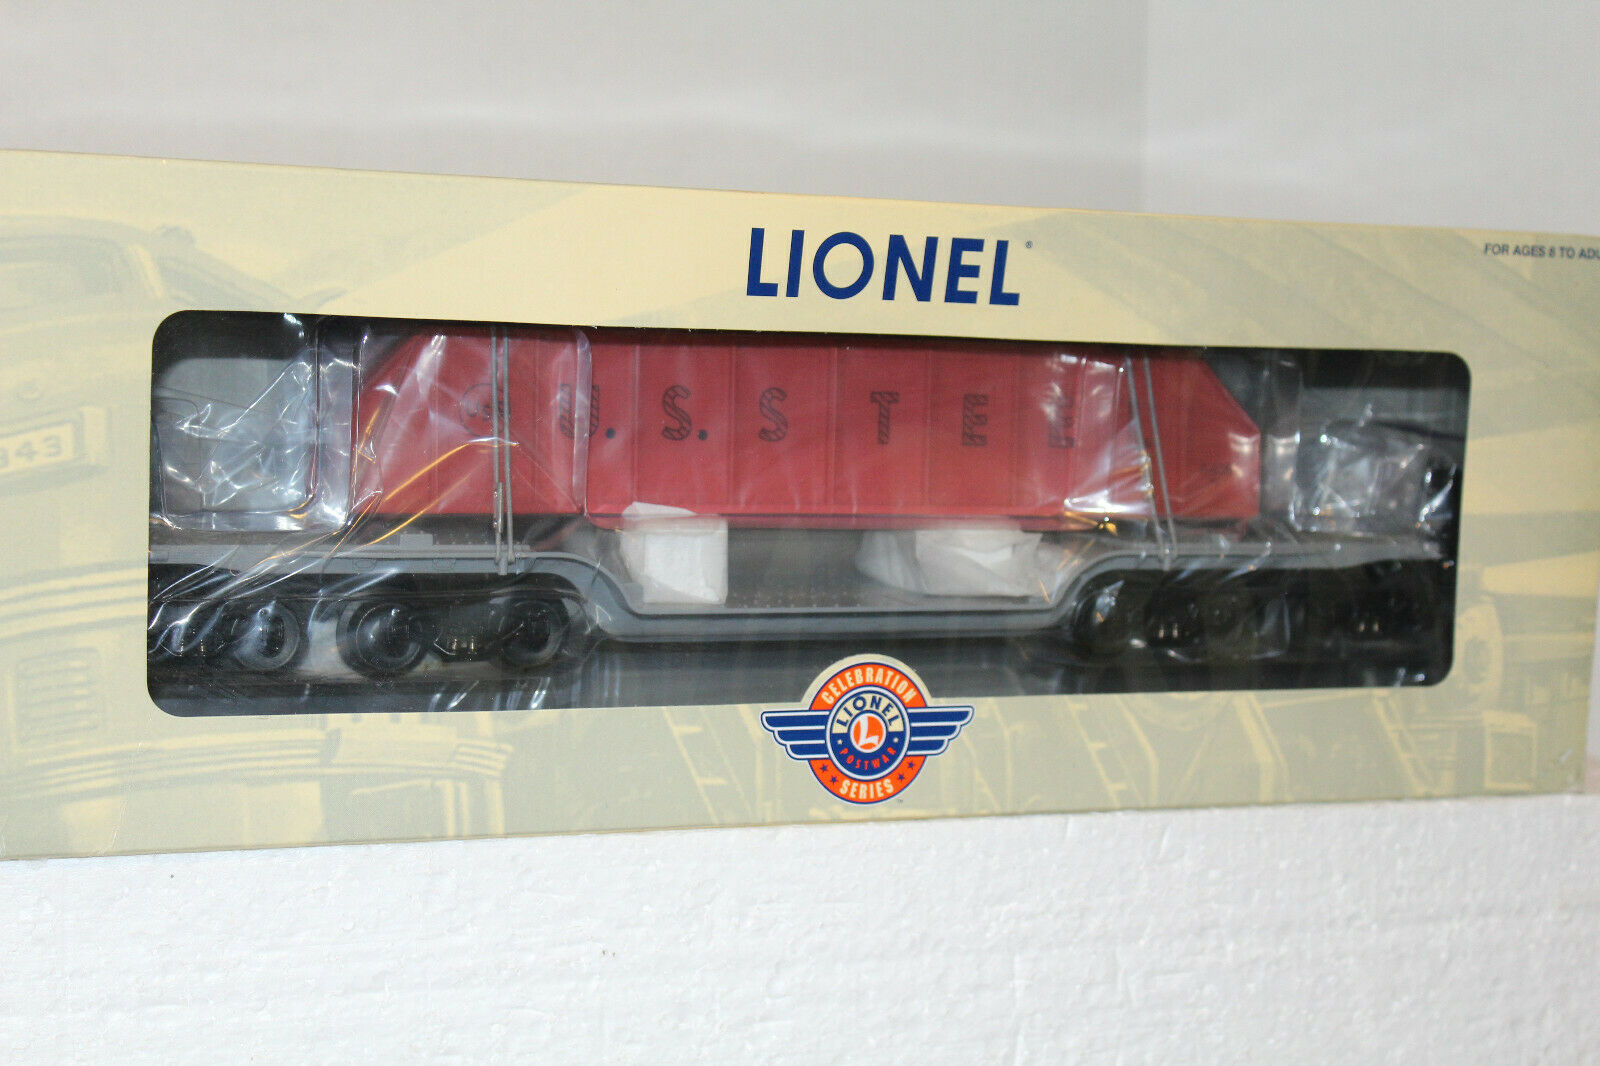 incontri Lionel locomotive